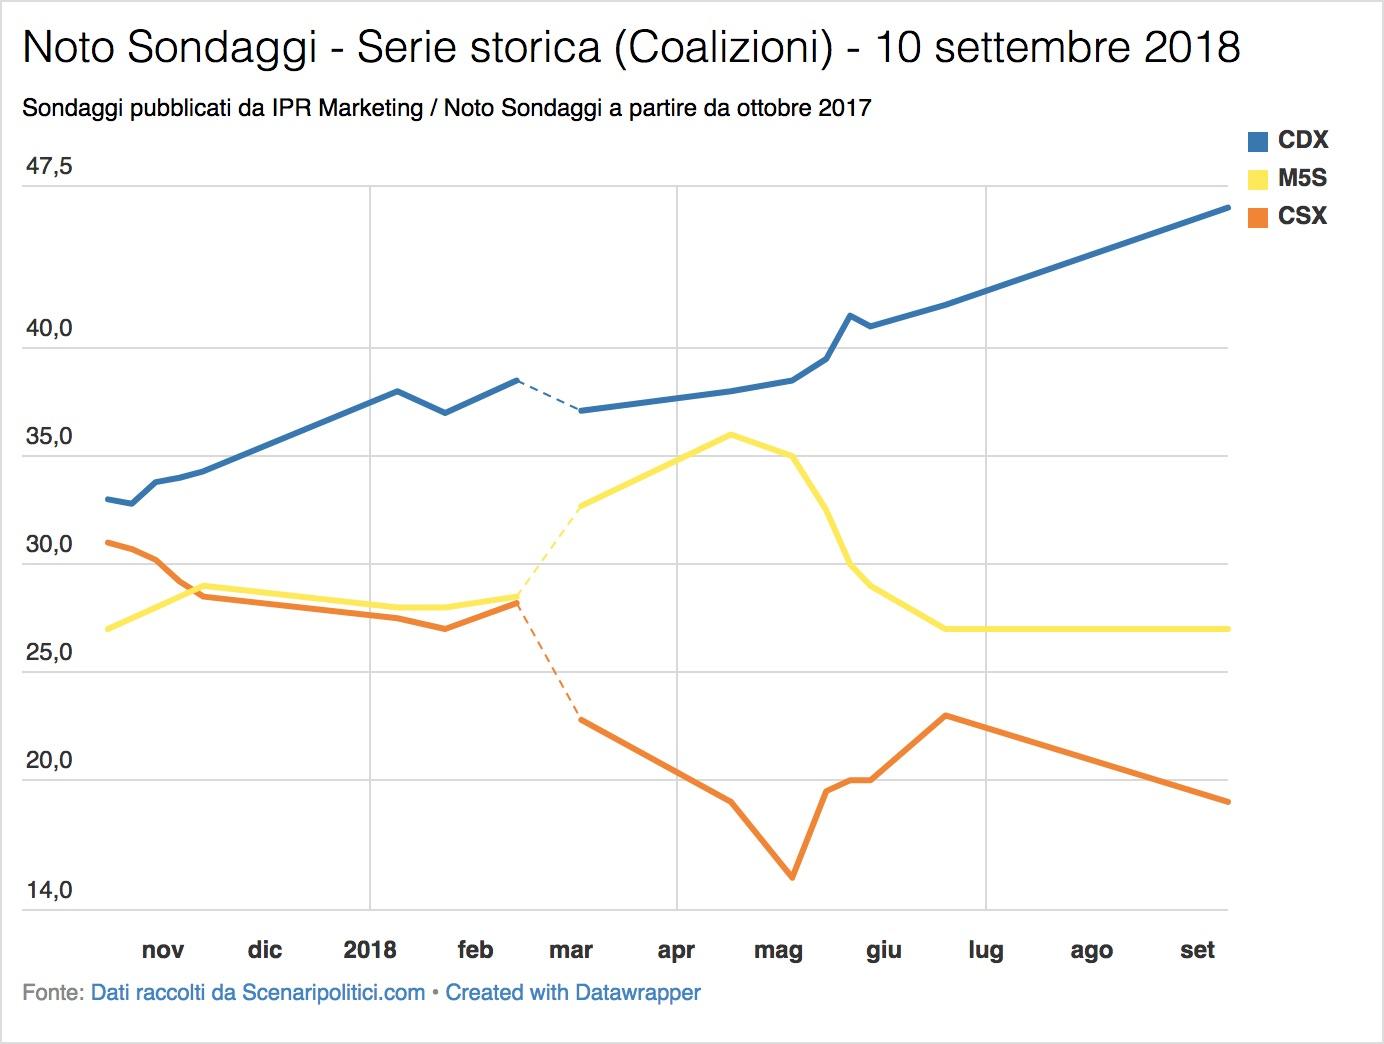 Sondaggio Noto (10 settembre 2018)